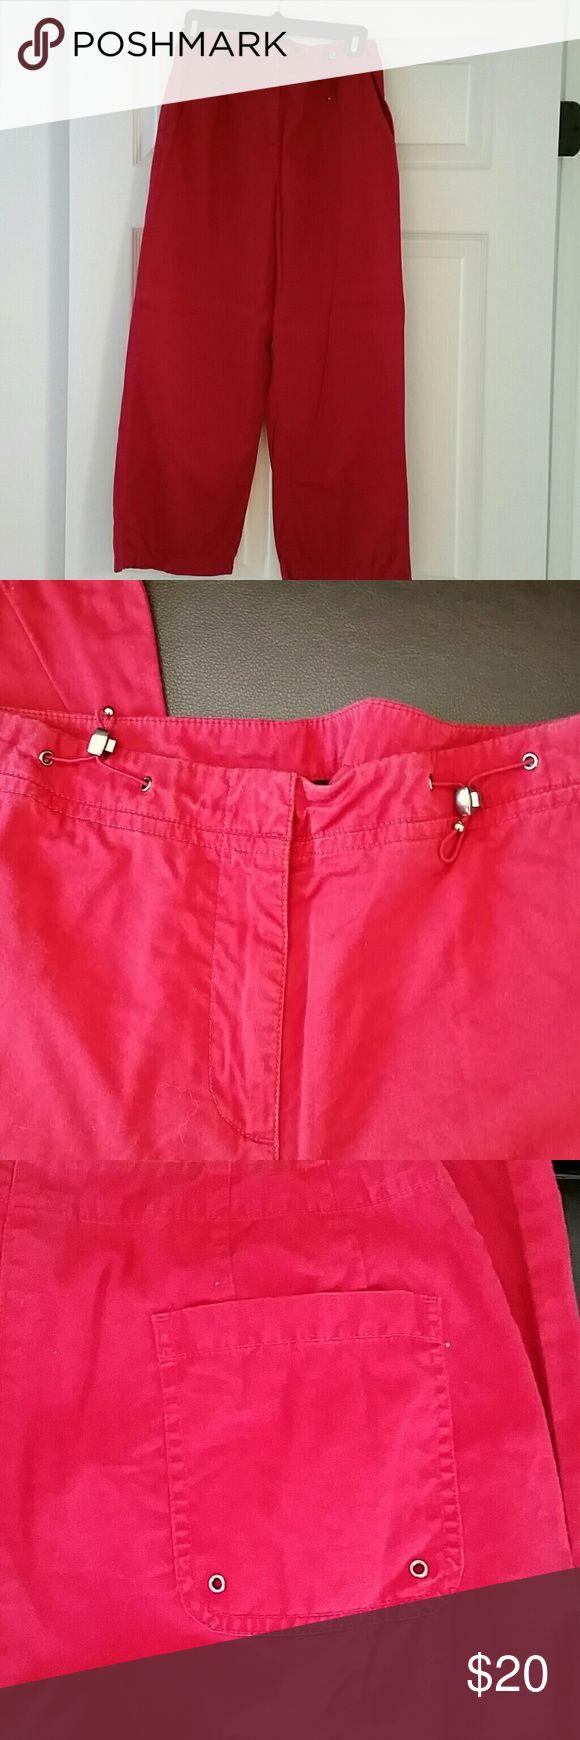 Ann Taylor Loft red crop pants Cute and comfy red Ann Taylor Loft crop pants with adjustable waist Ann Taylor Loft  Pants Capris